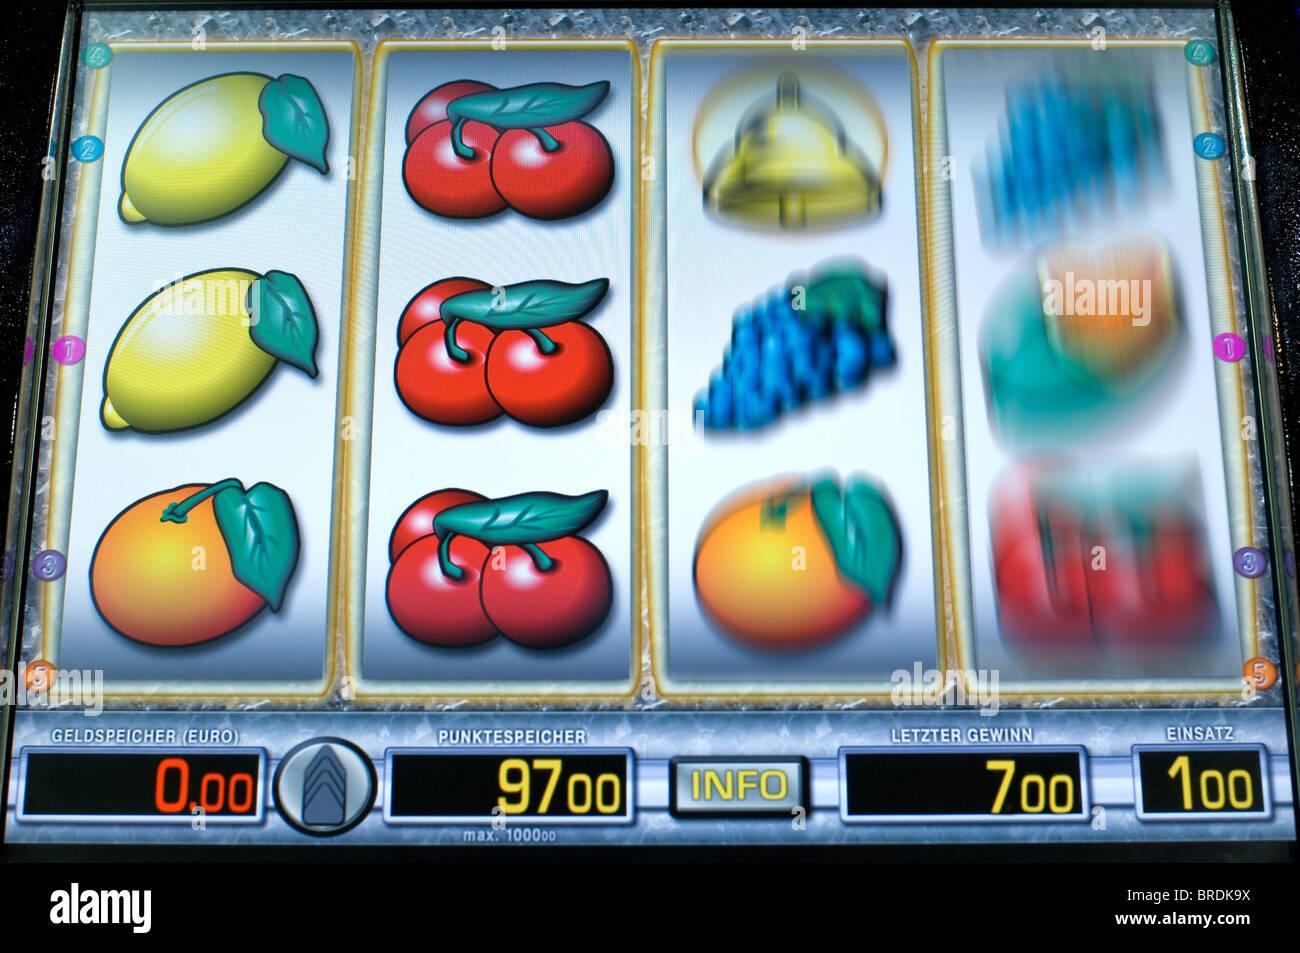 spielothek spiele fruit